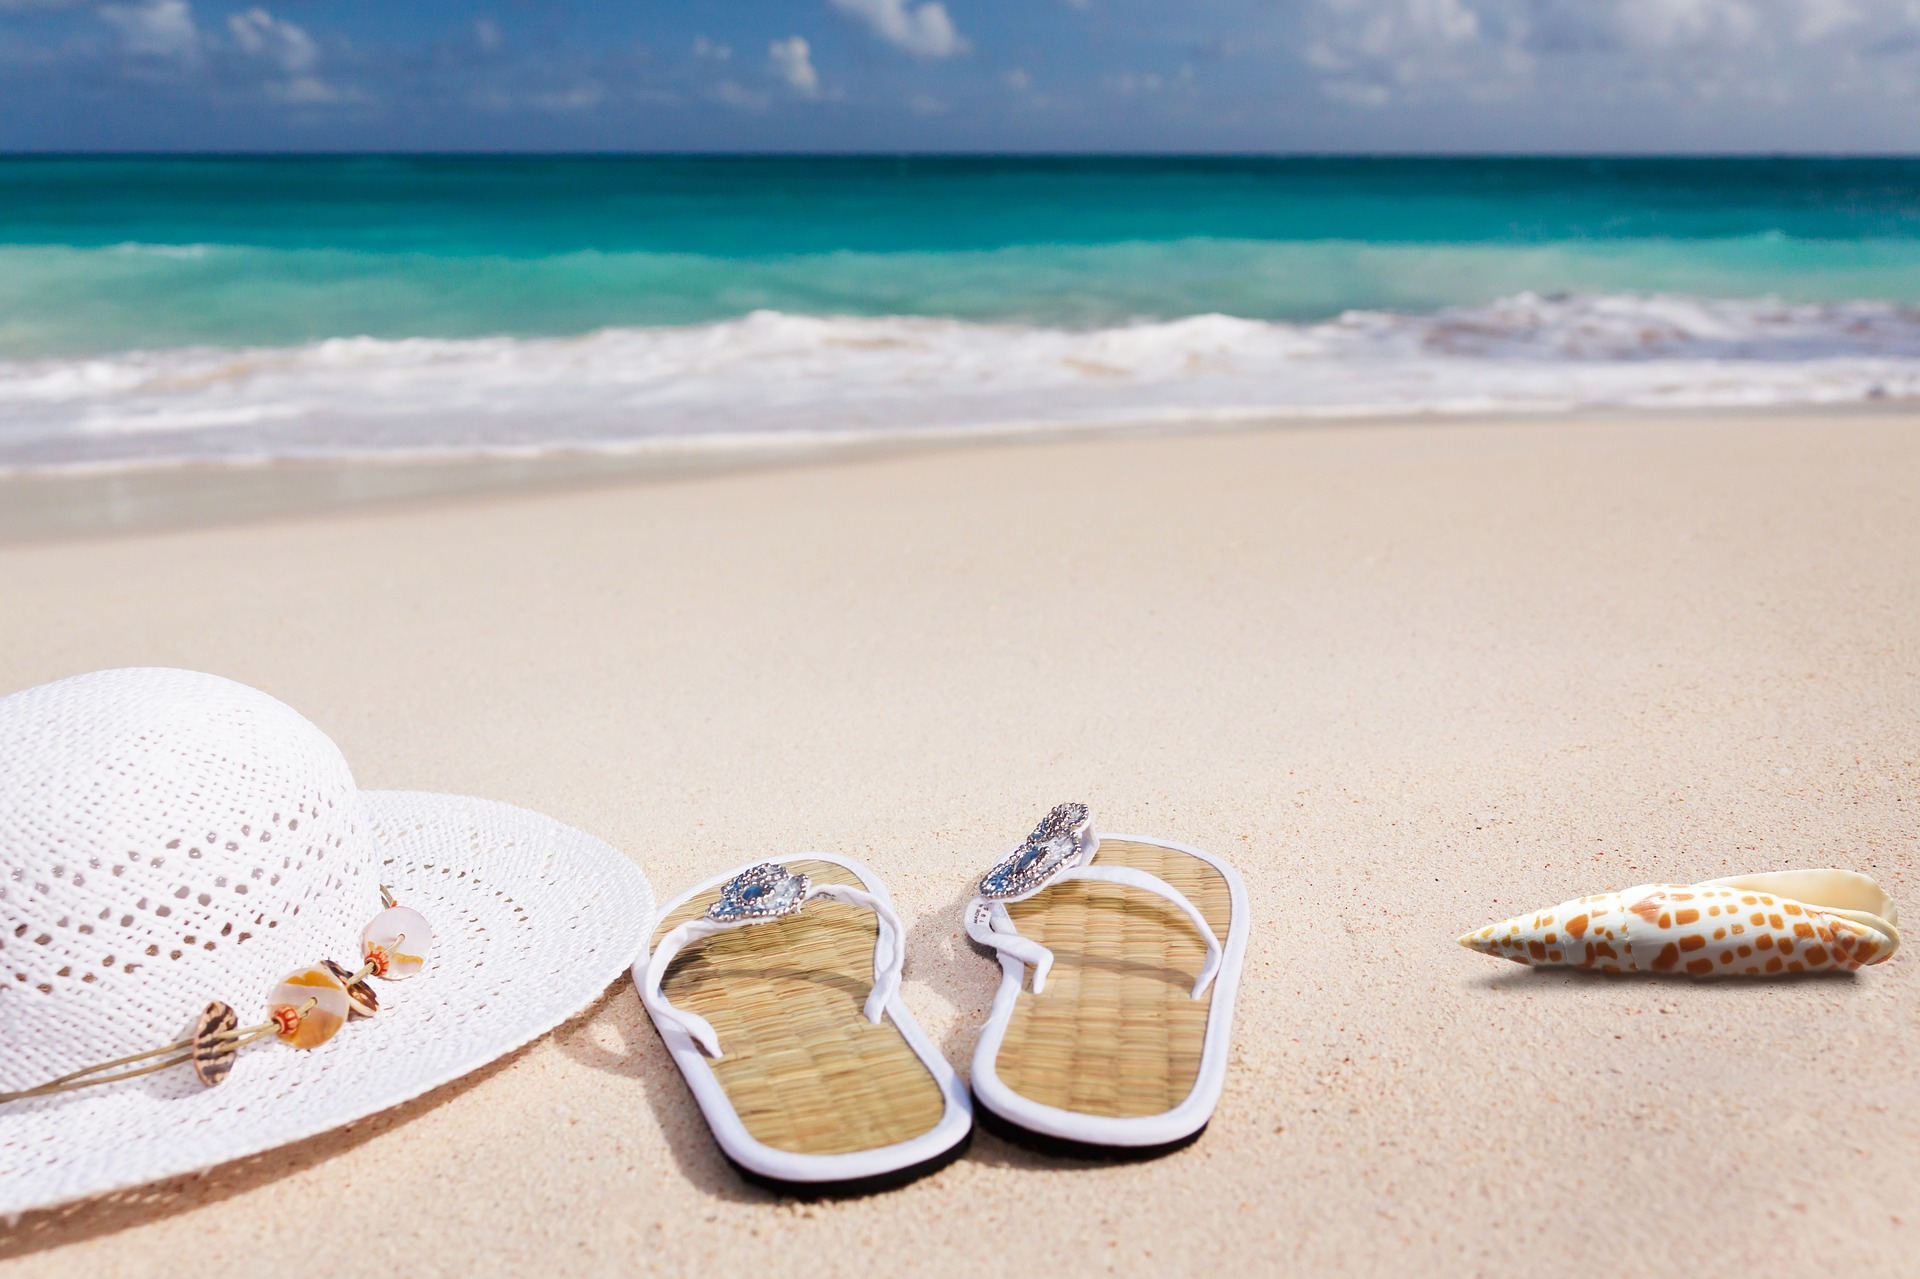 Ранни записвания и как да почиваме по-изгодно през лятото